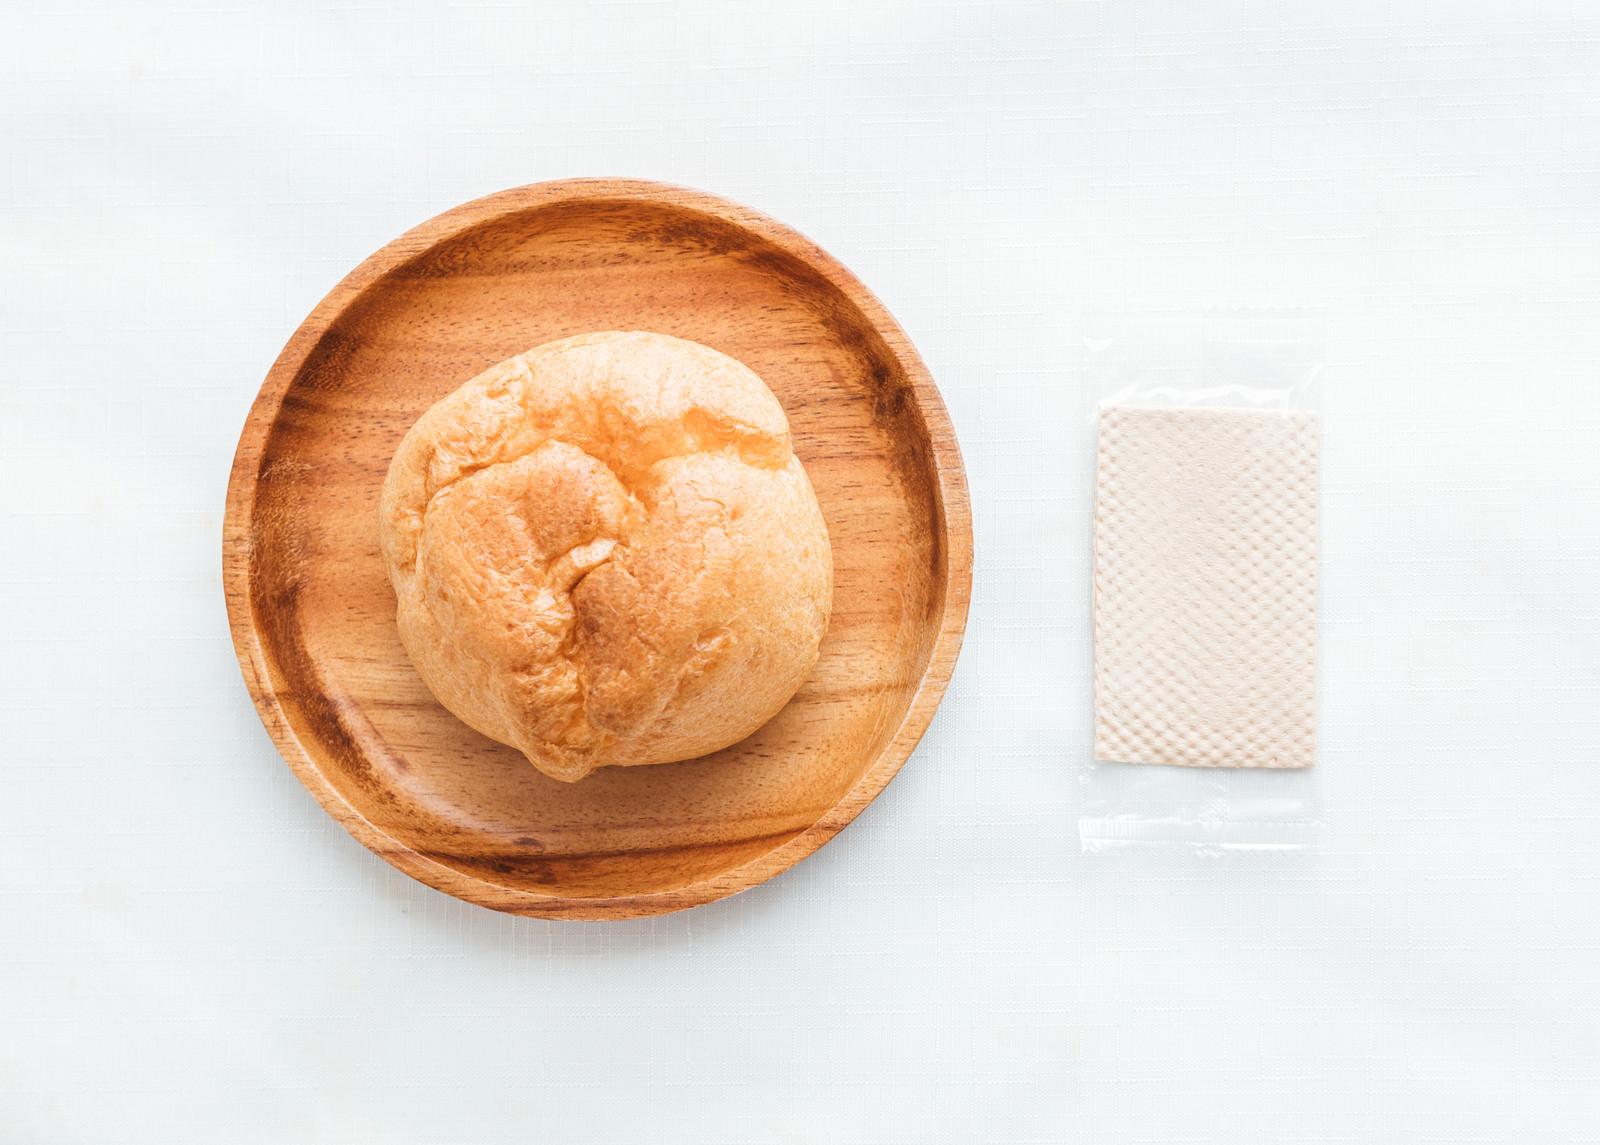 「シュークリームいただきます」の写真